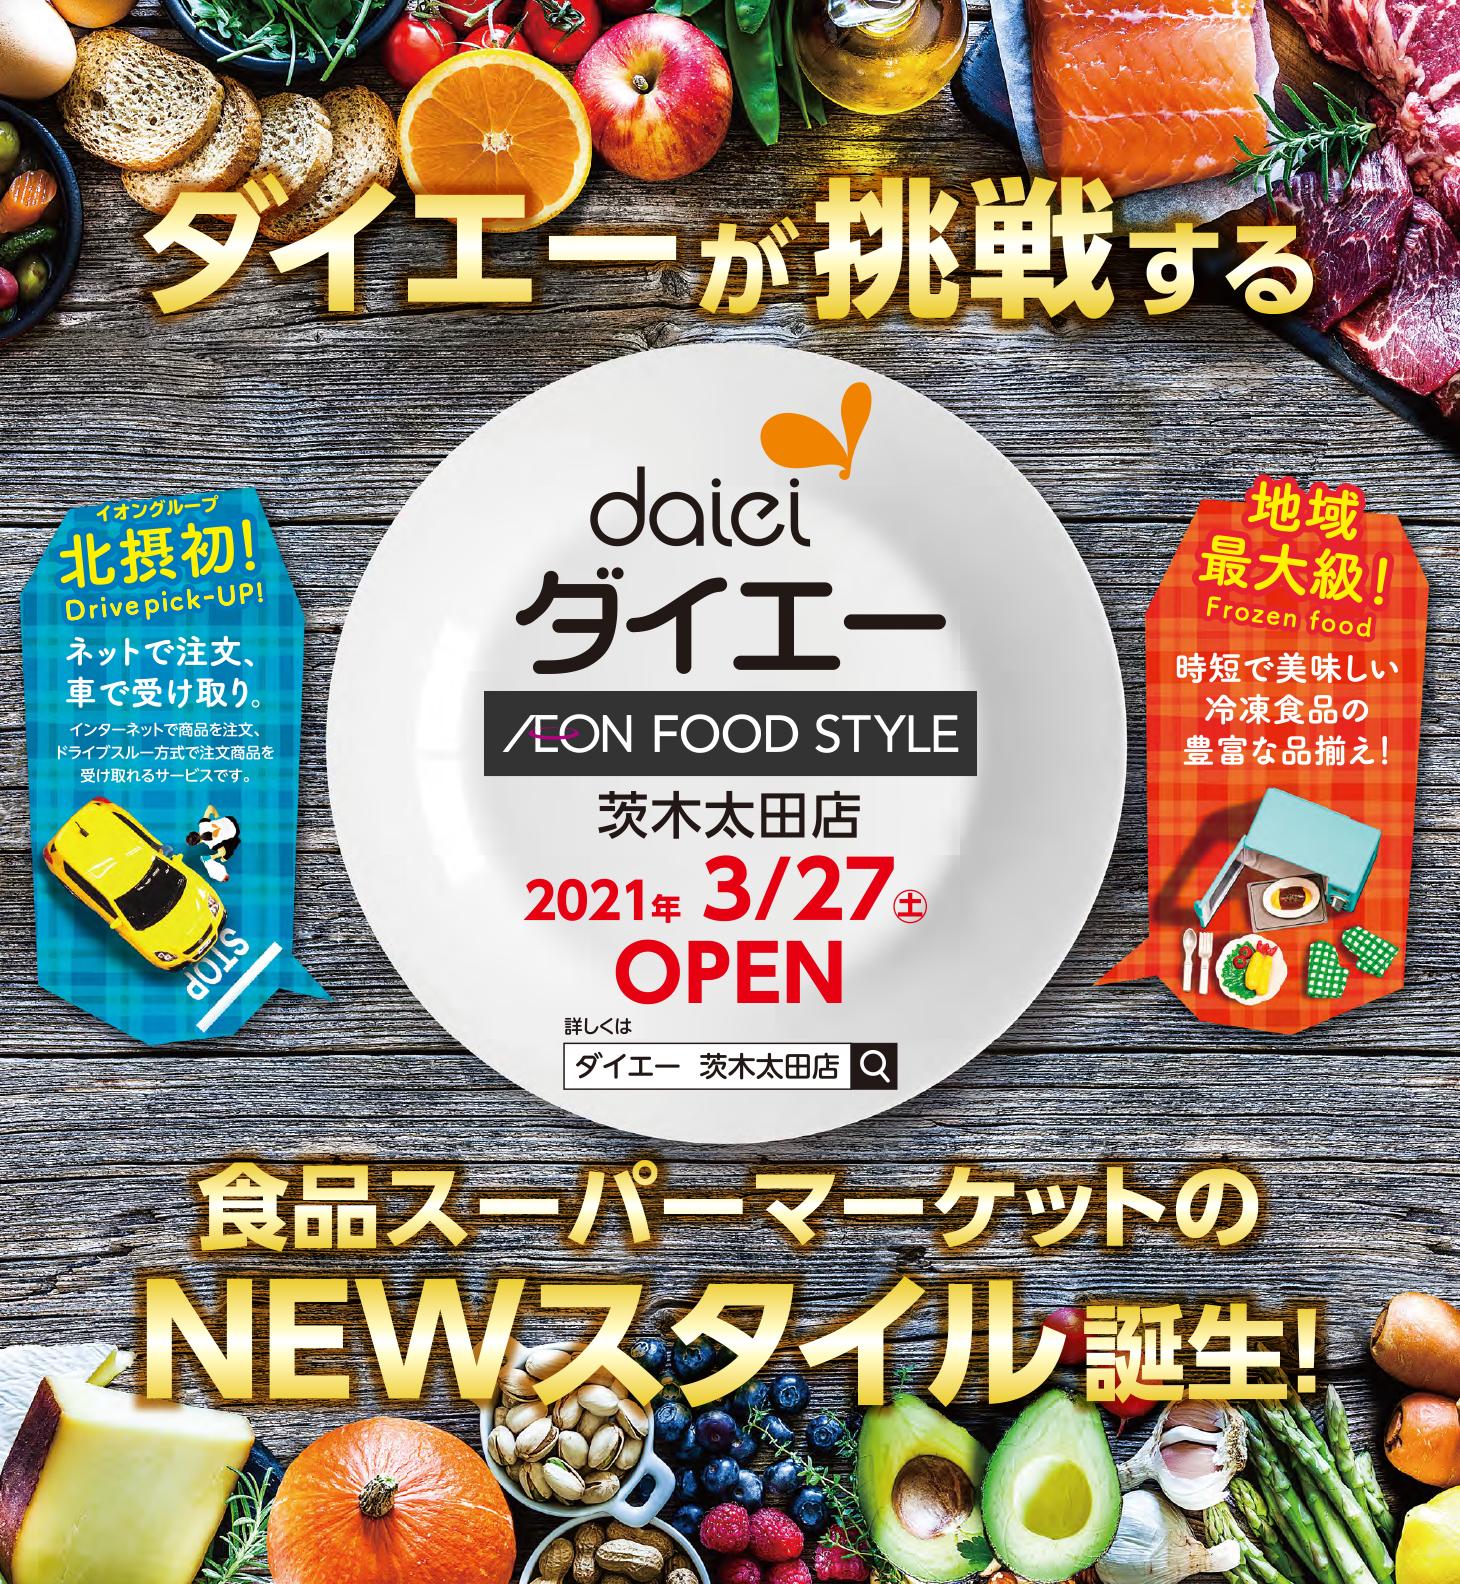 コロナ 茨木 イオン 【2021年春】茨木市の東芝工場跡地にイオンタウンが進出決定!